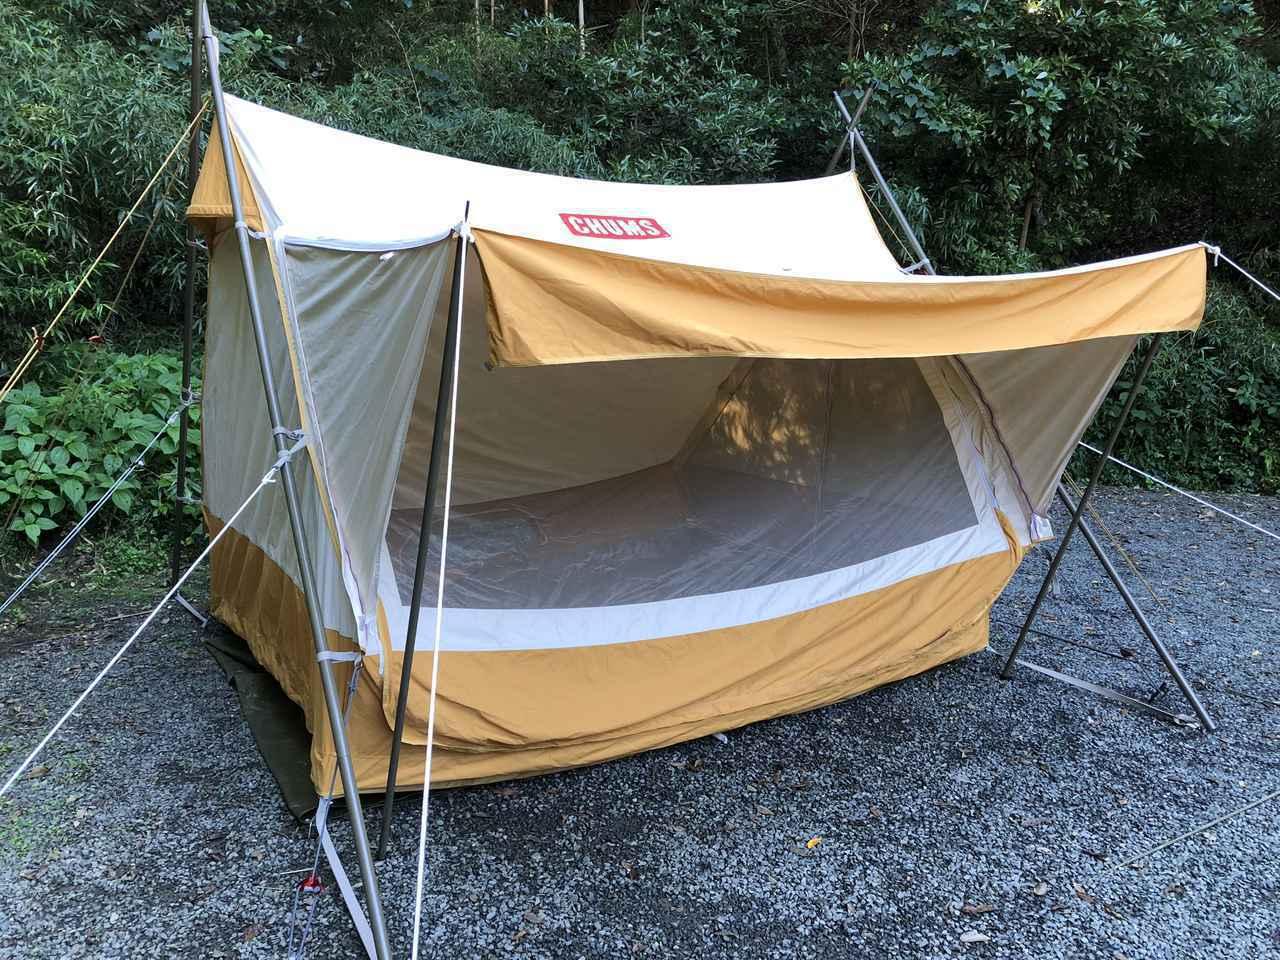 画像: かわいいだけのテントじゃない! CHUMS(チャムス)2020新作テント「エーフレームテントT/C 4」レビュー - ハピキャン(HAPPY CAMPER)